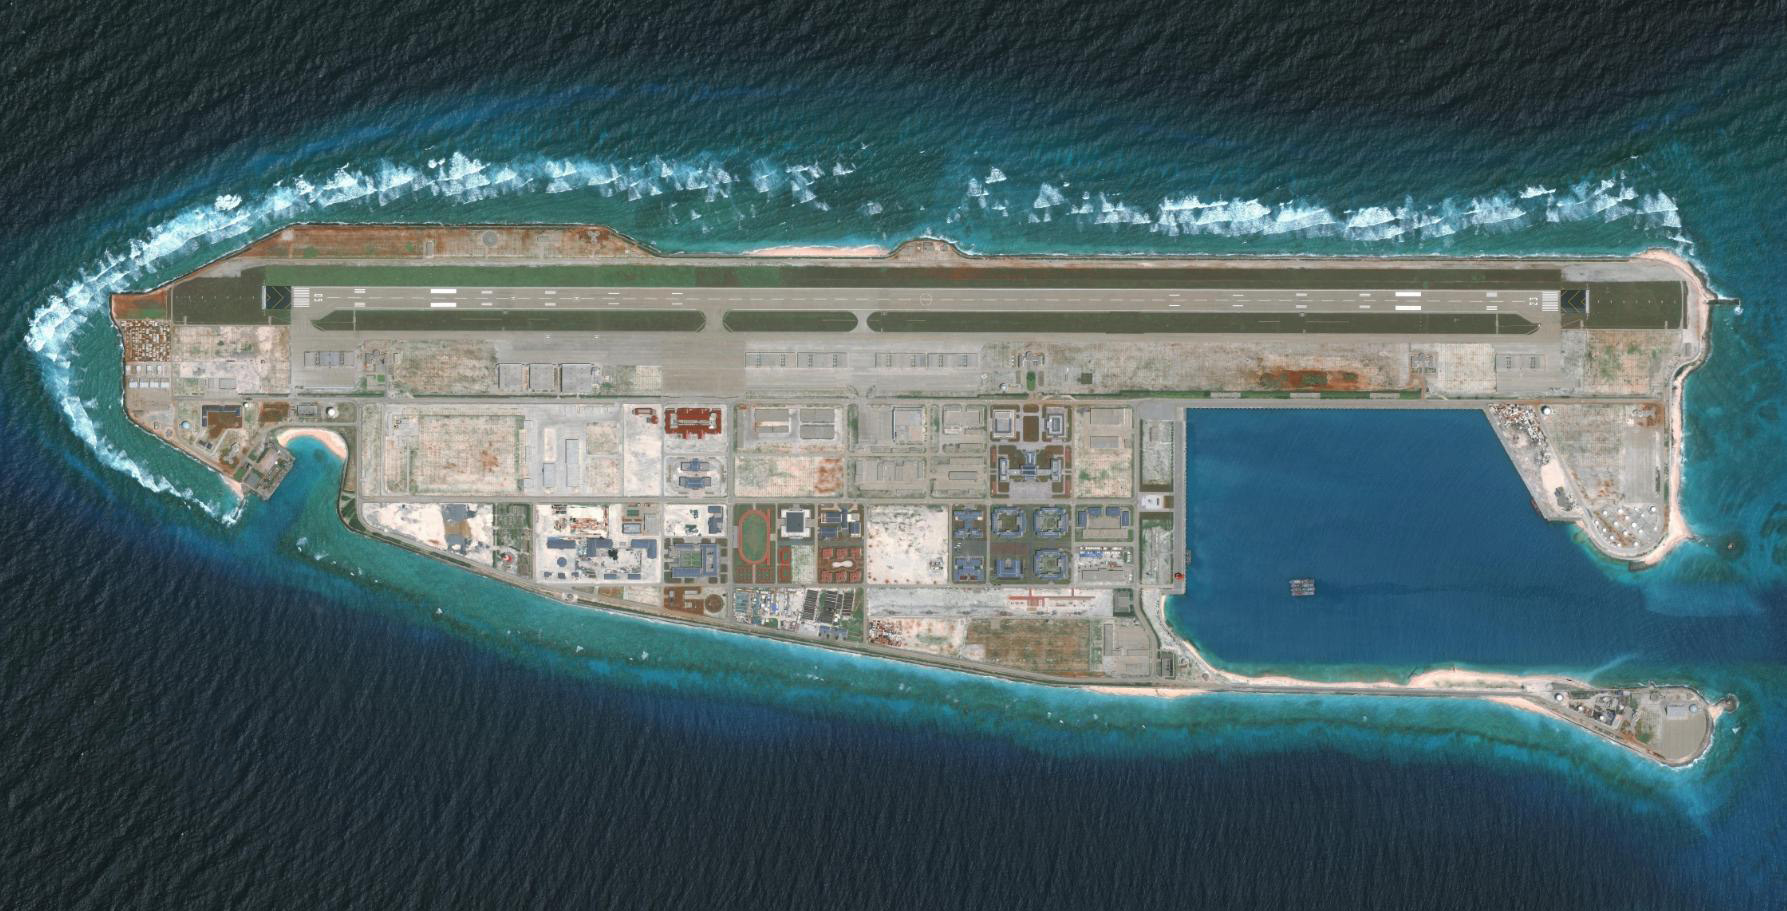 中国新的跳板,黄岩岛填海造陆工程很重要,或是南部海域关键所在